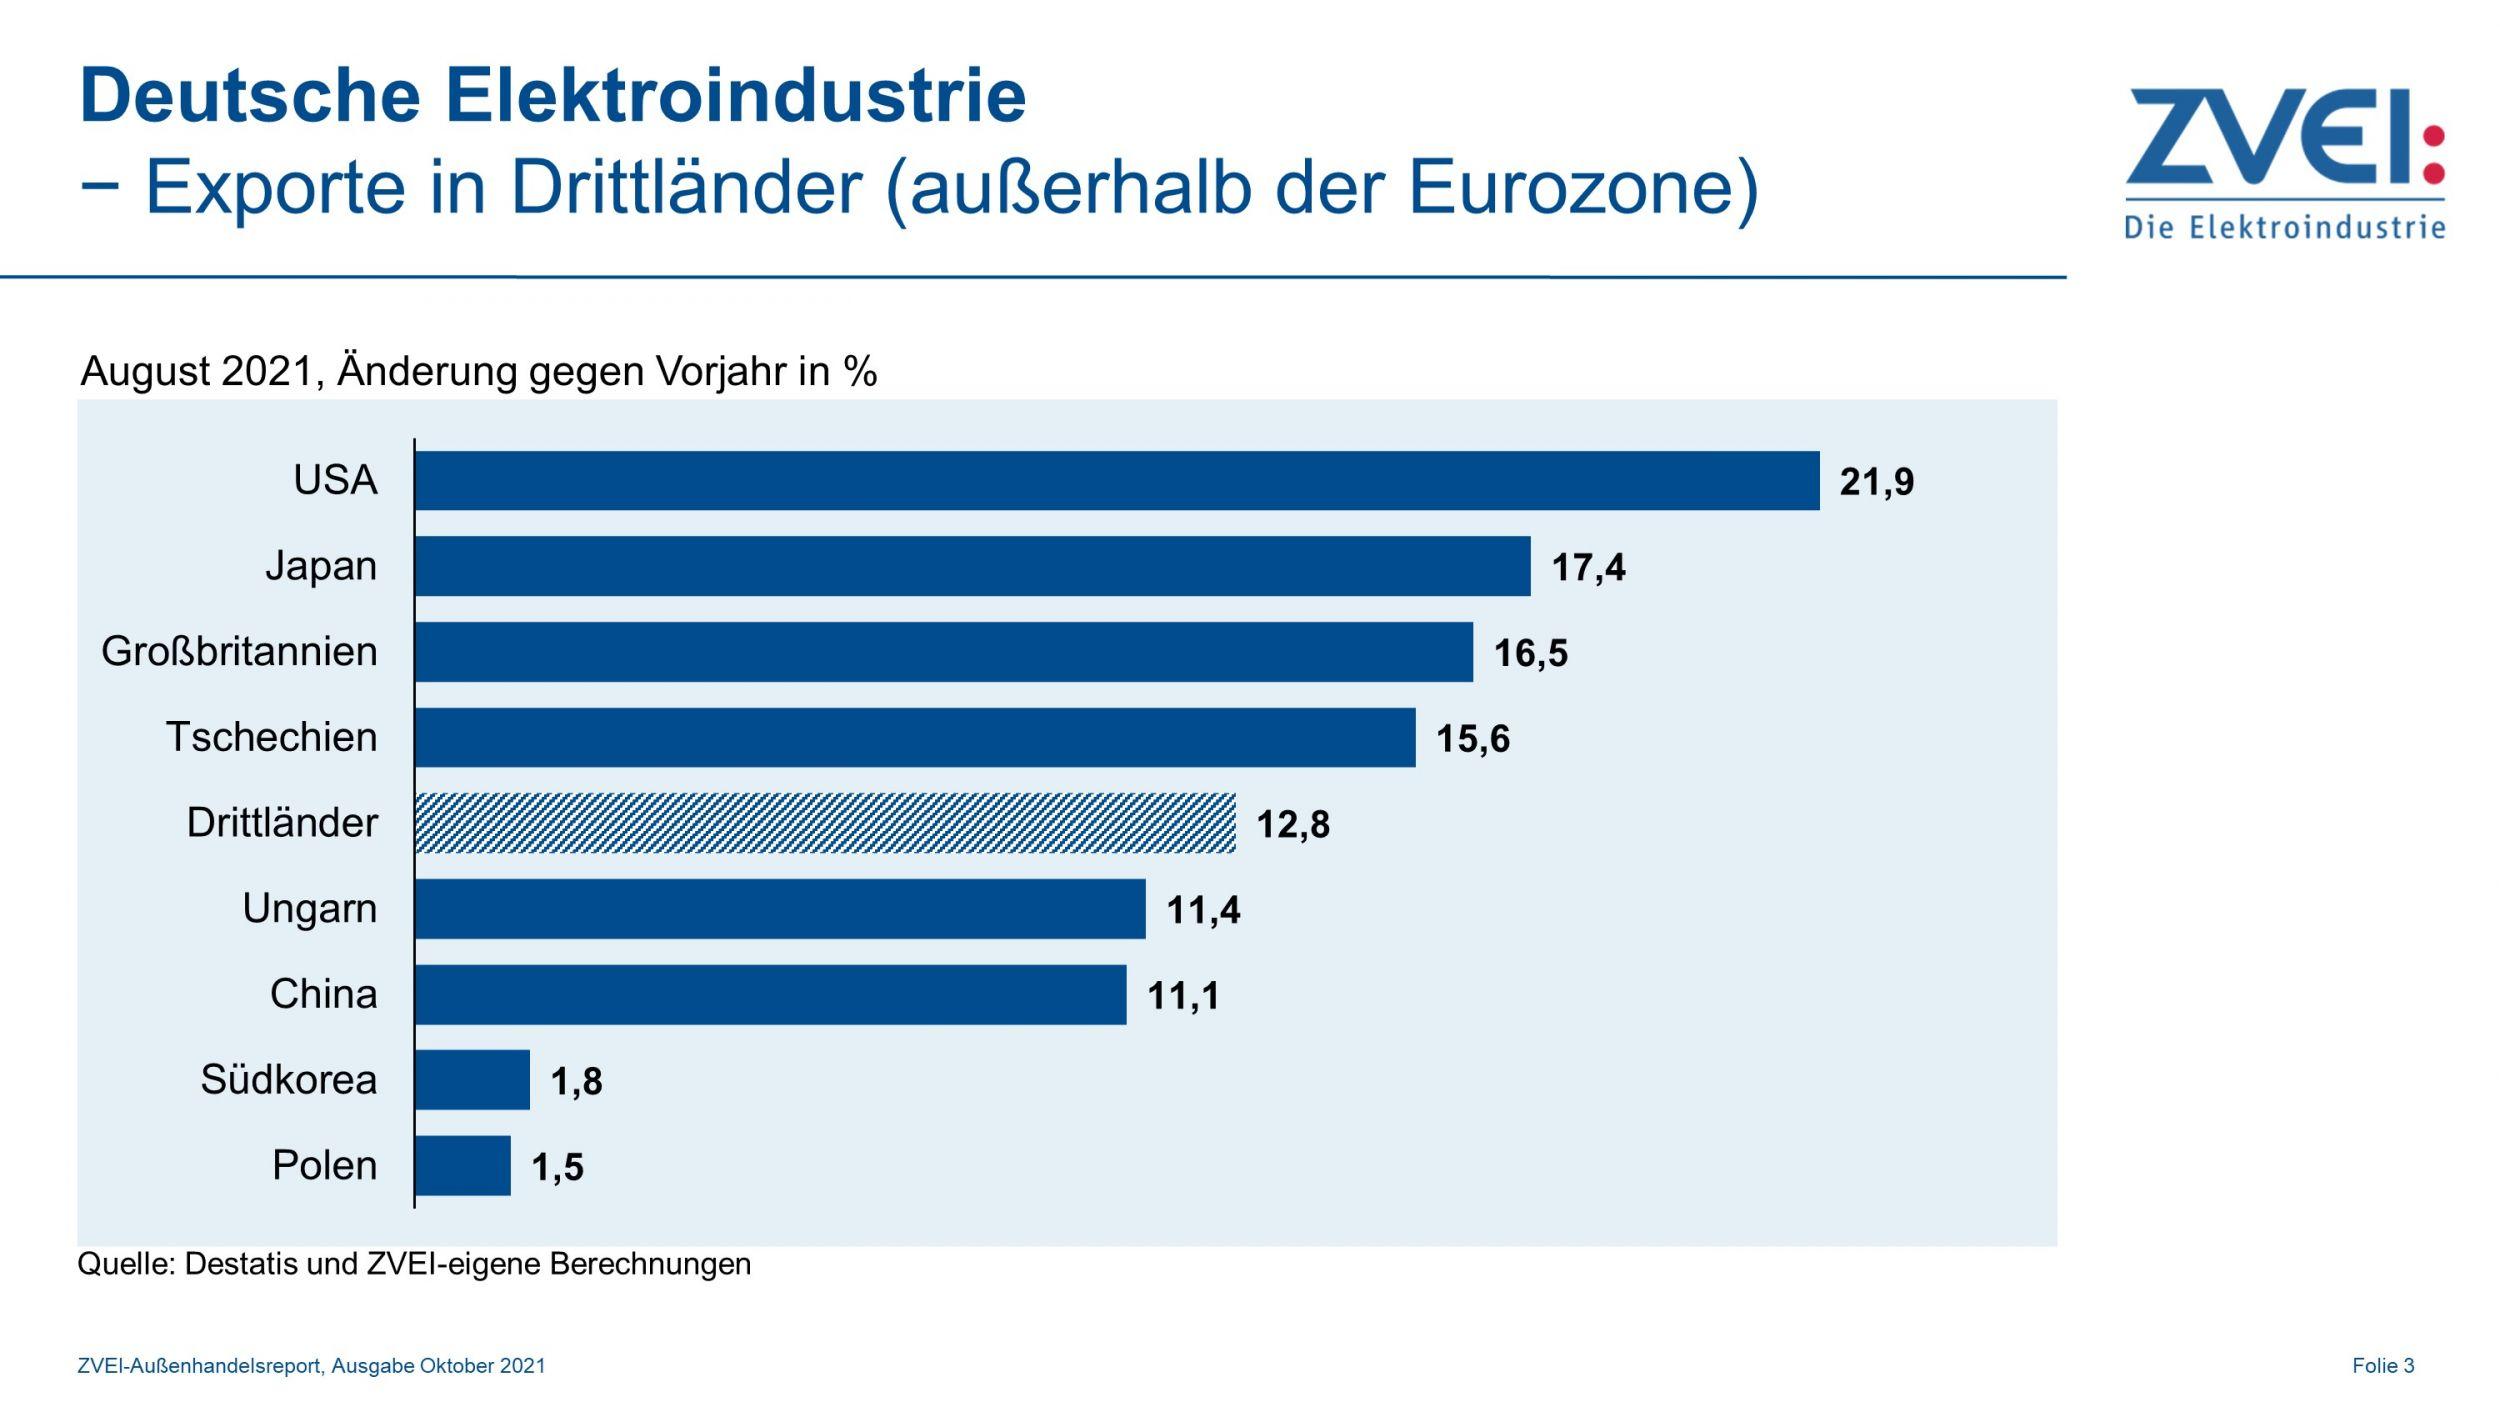 Elektroexporte in Drittländer im August